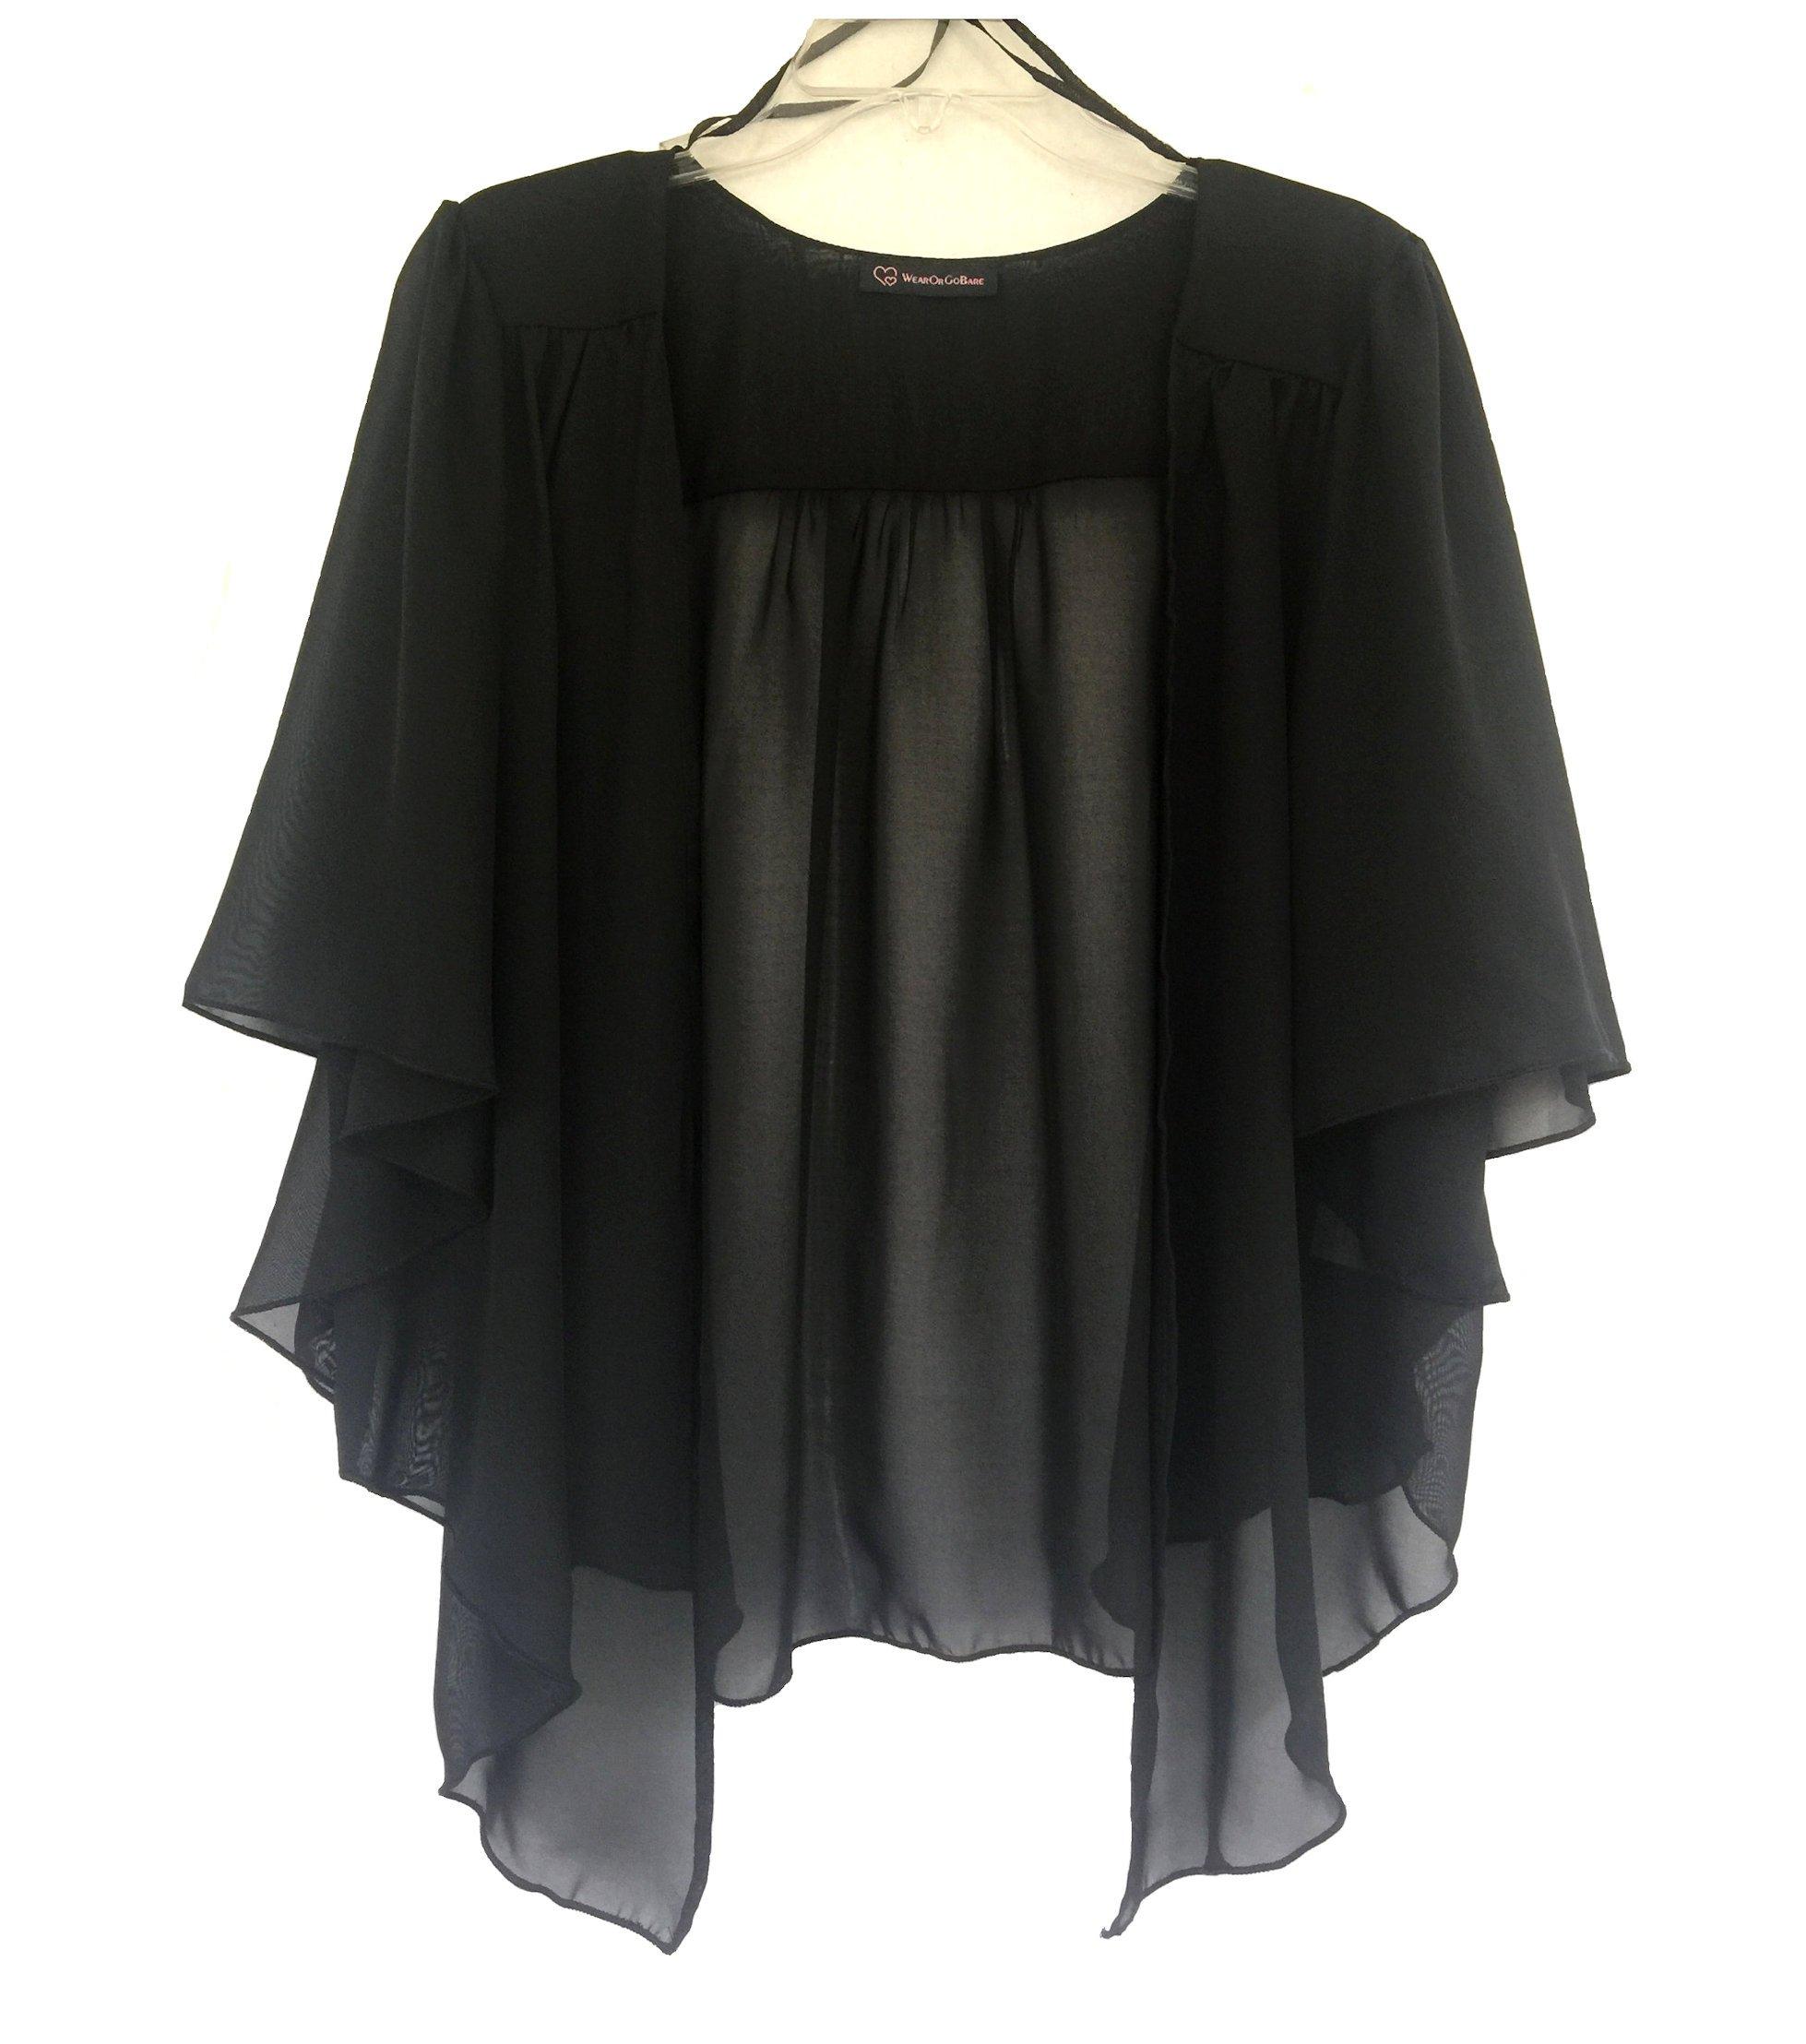 WearOrGoBare Women's Plus Size Cascading Chiffon Bolero Cardigan Shrug Top (4X, Black)